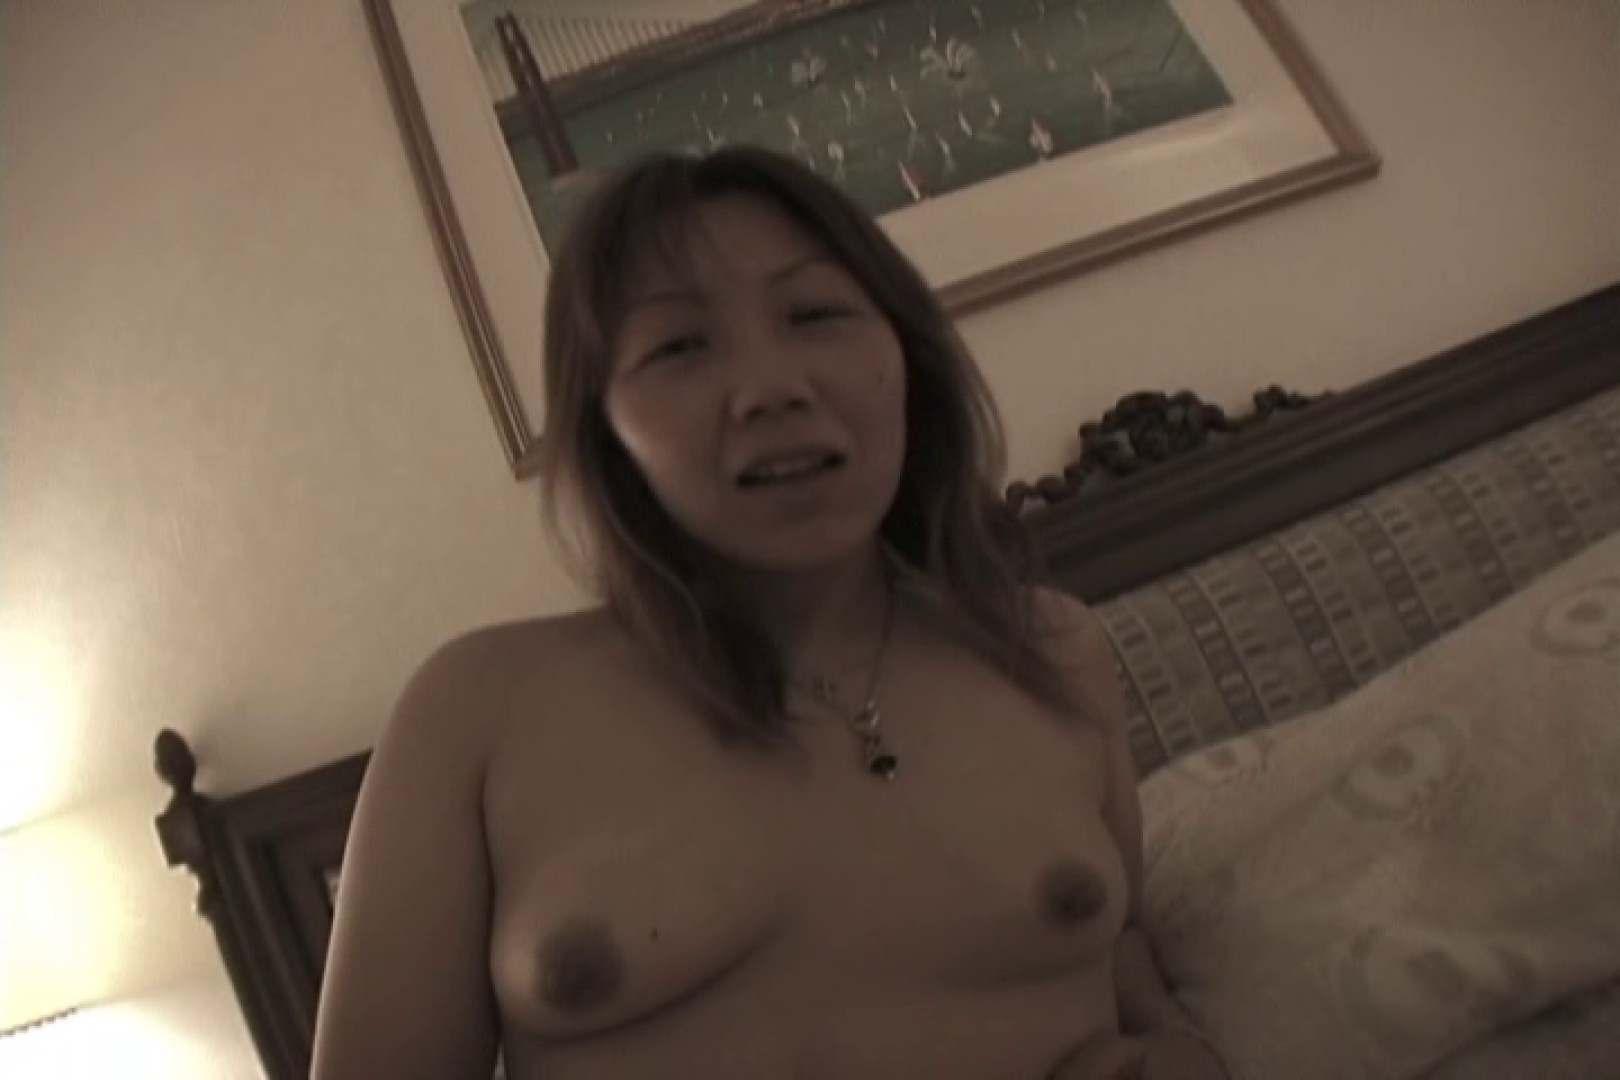 ツンデレ素人嬢もチンポには弱い~増田あけみ~ 素人丸裸   フェラ  99pic 69